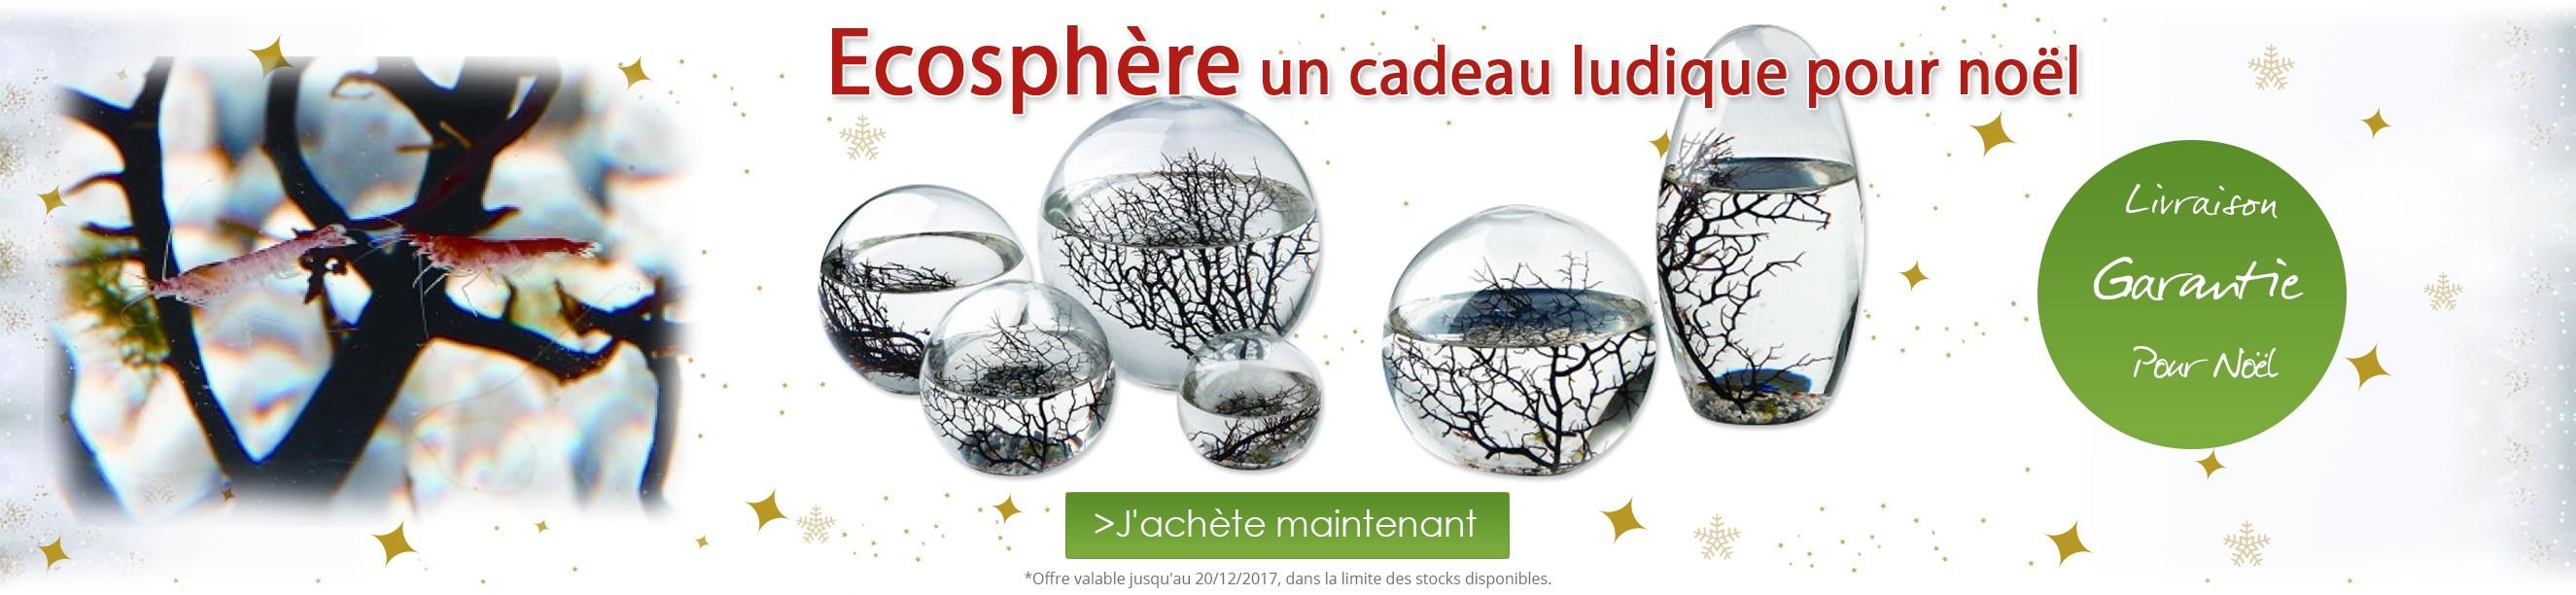 Ecosphère un cadeau ludique pour Noël